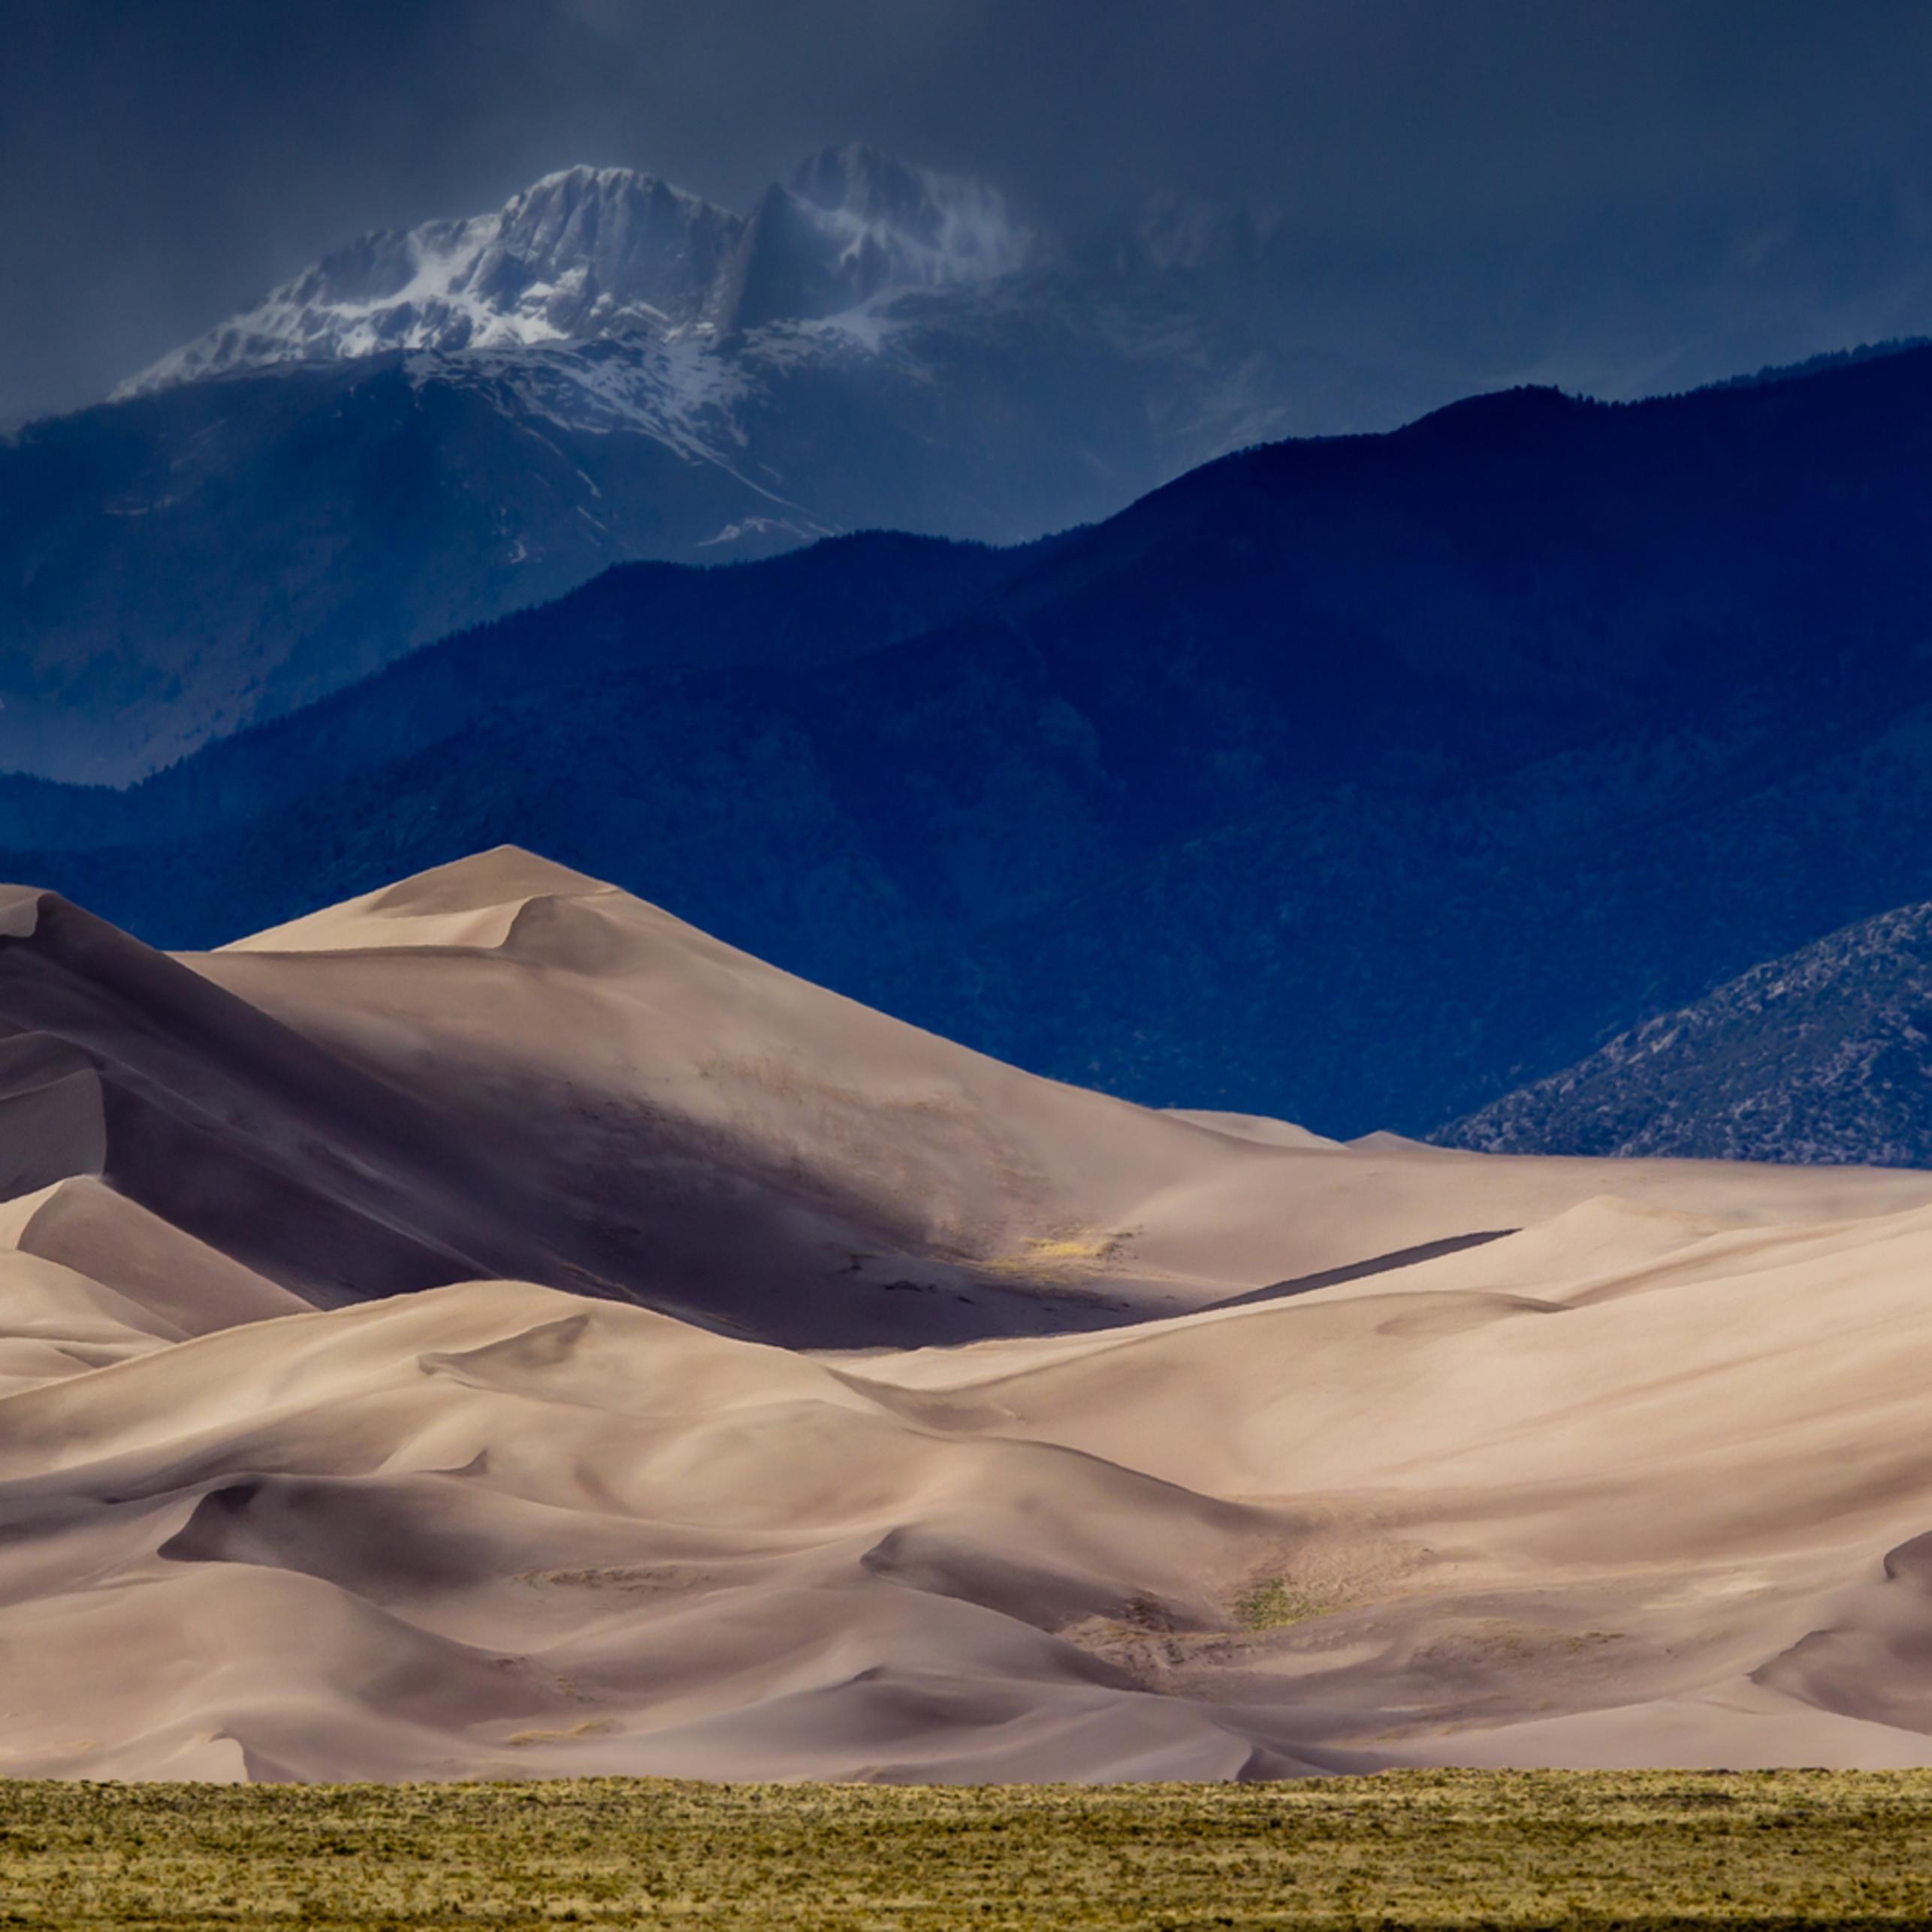 Sand dunes 2x1 5144 2572  ywzgmk